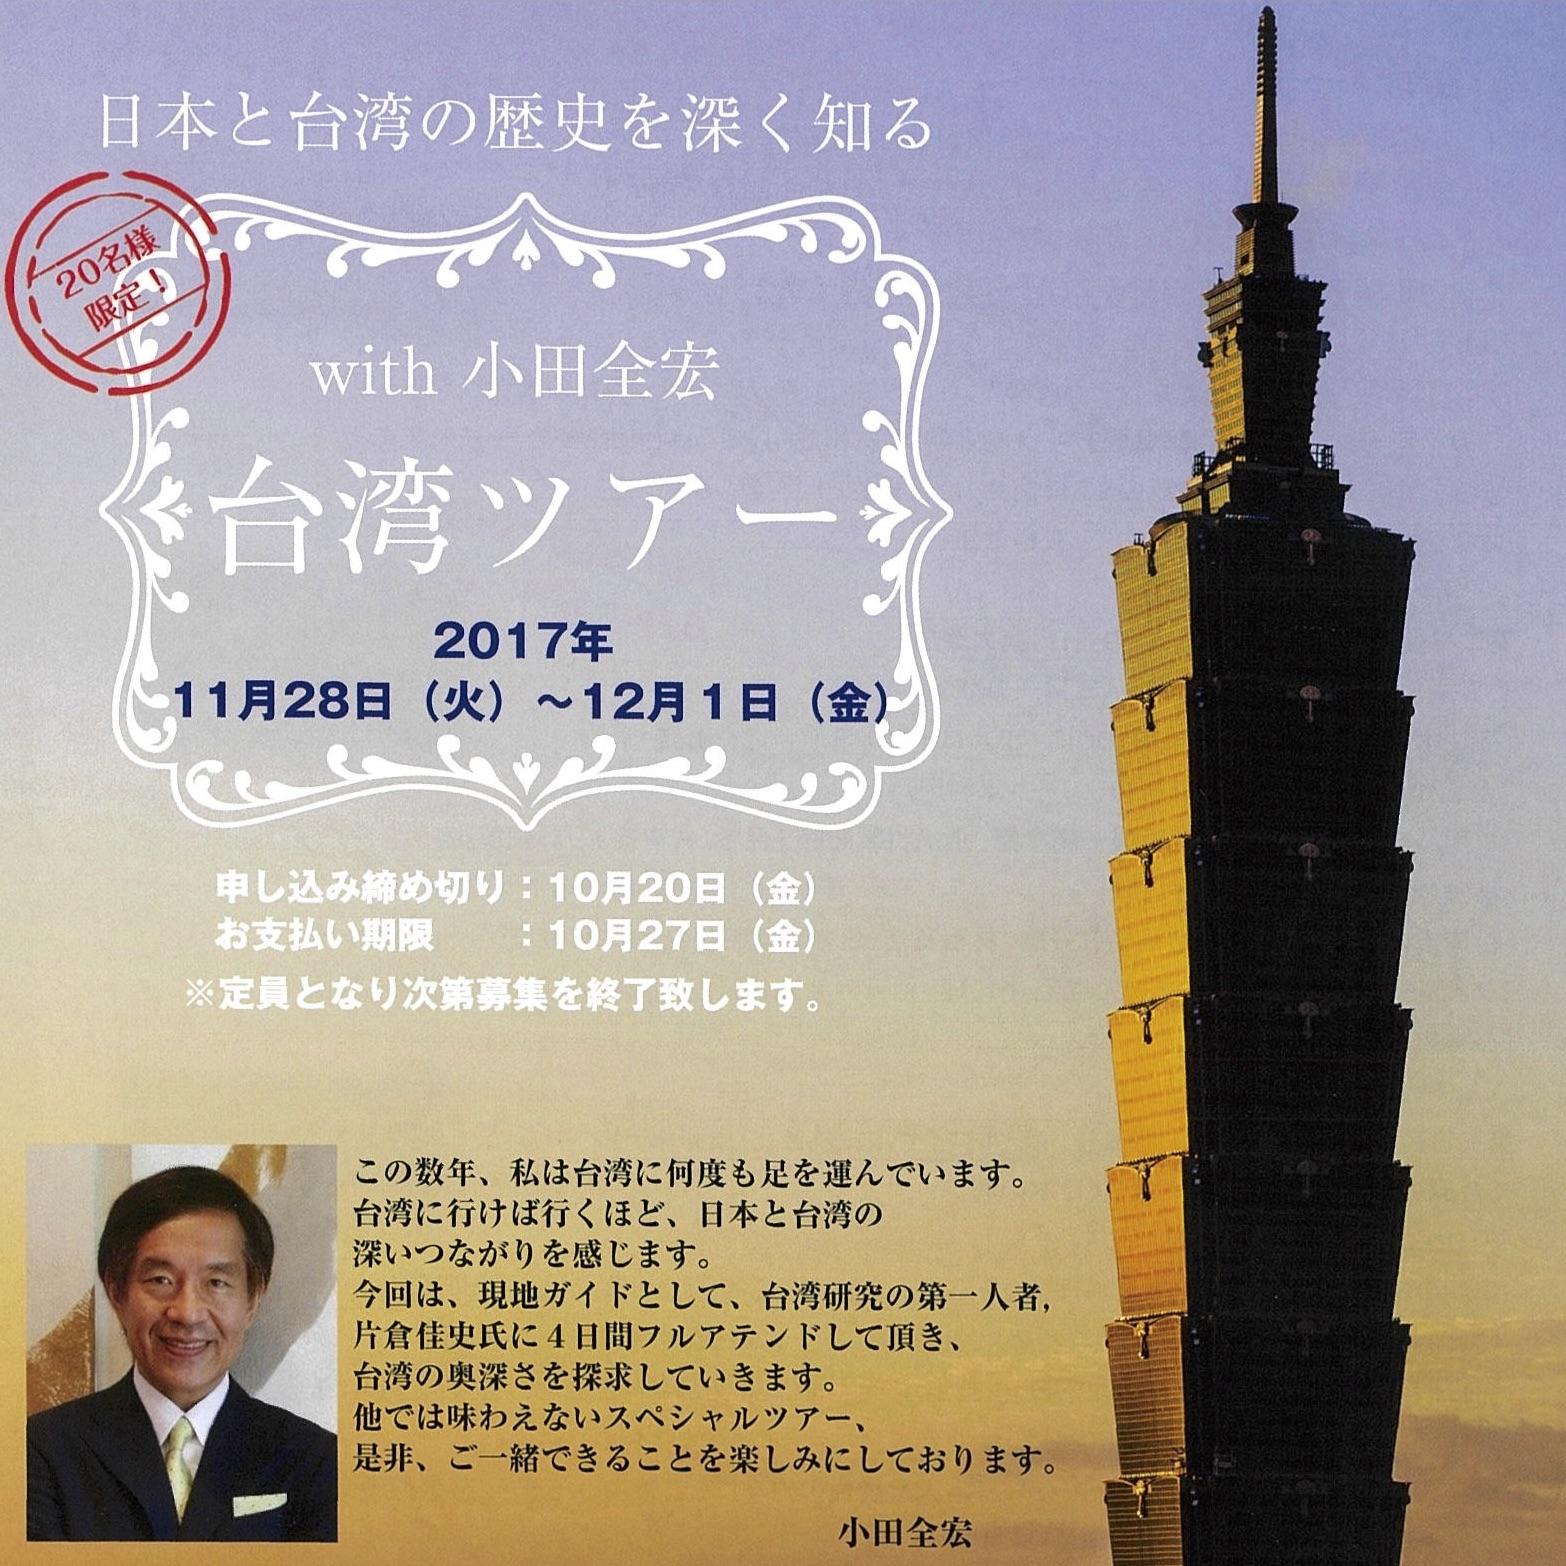 台湾ツアー with 小田全宏